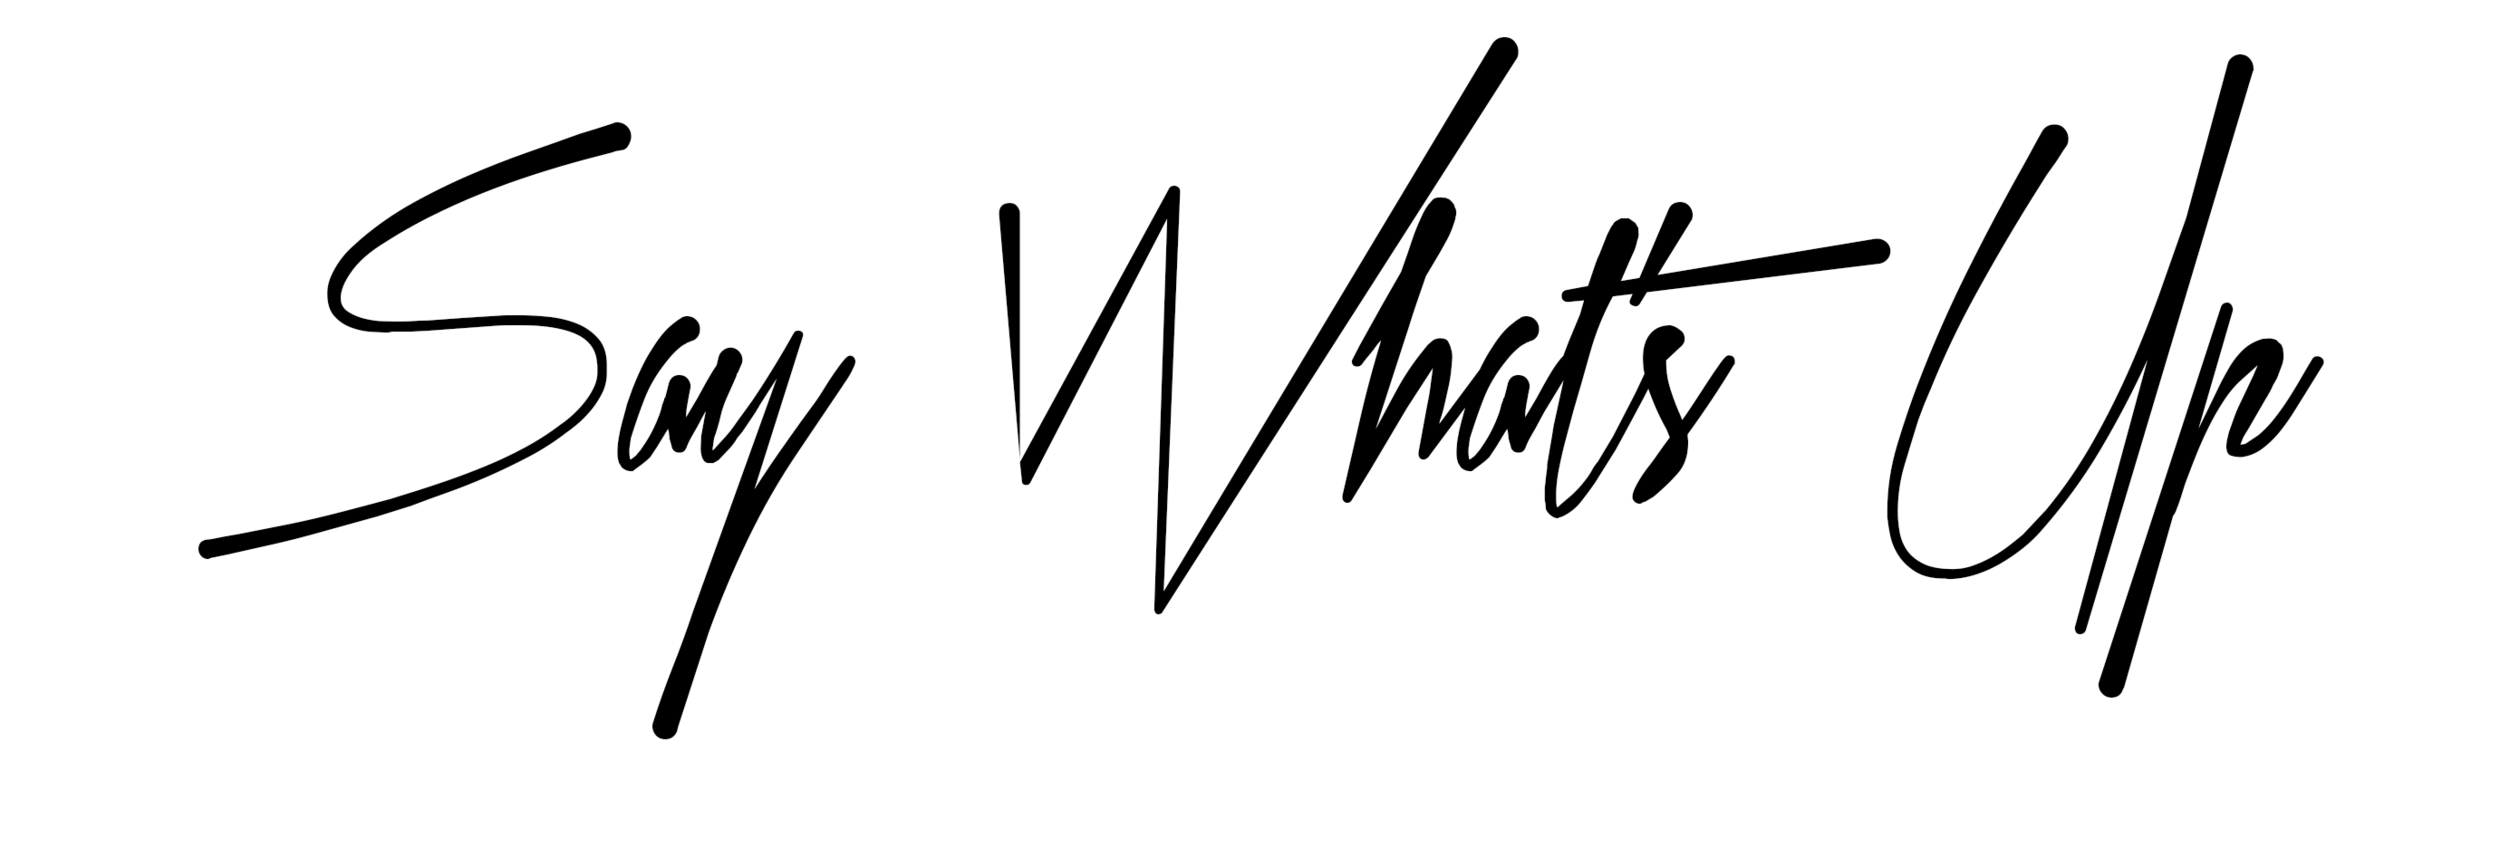 CJK tagline 05-whatsup.png